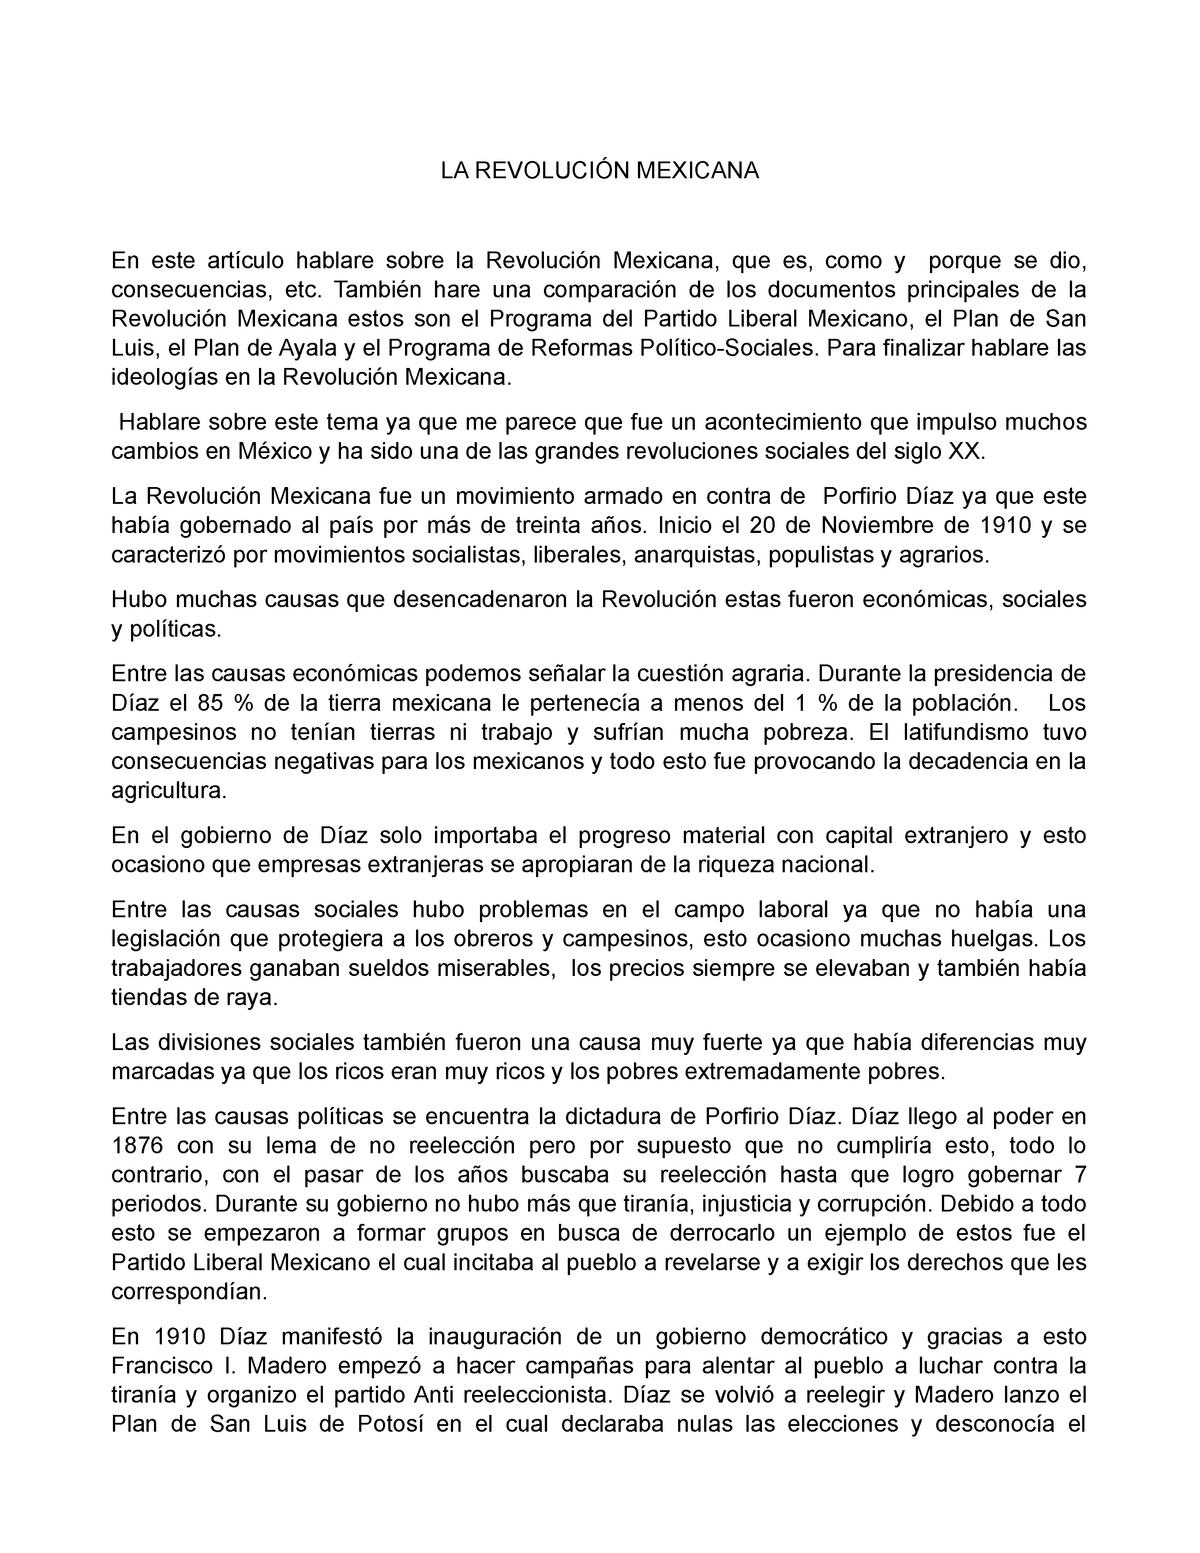 Ensayo la revolución mexicana - Historia De México - ITESO - StuDocu